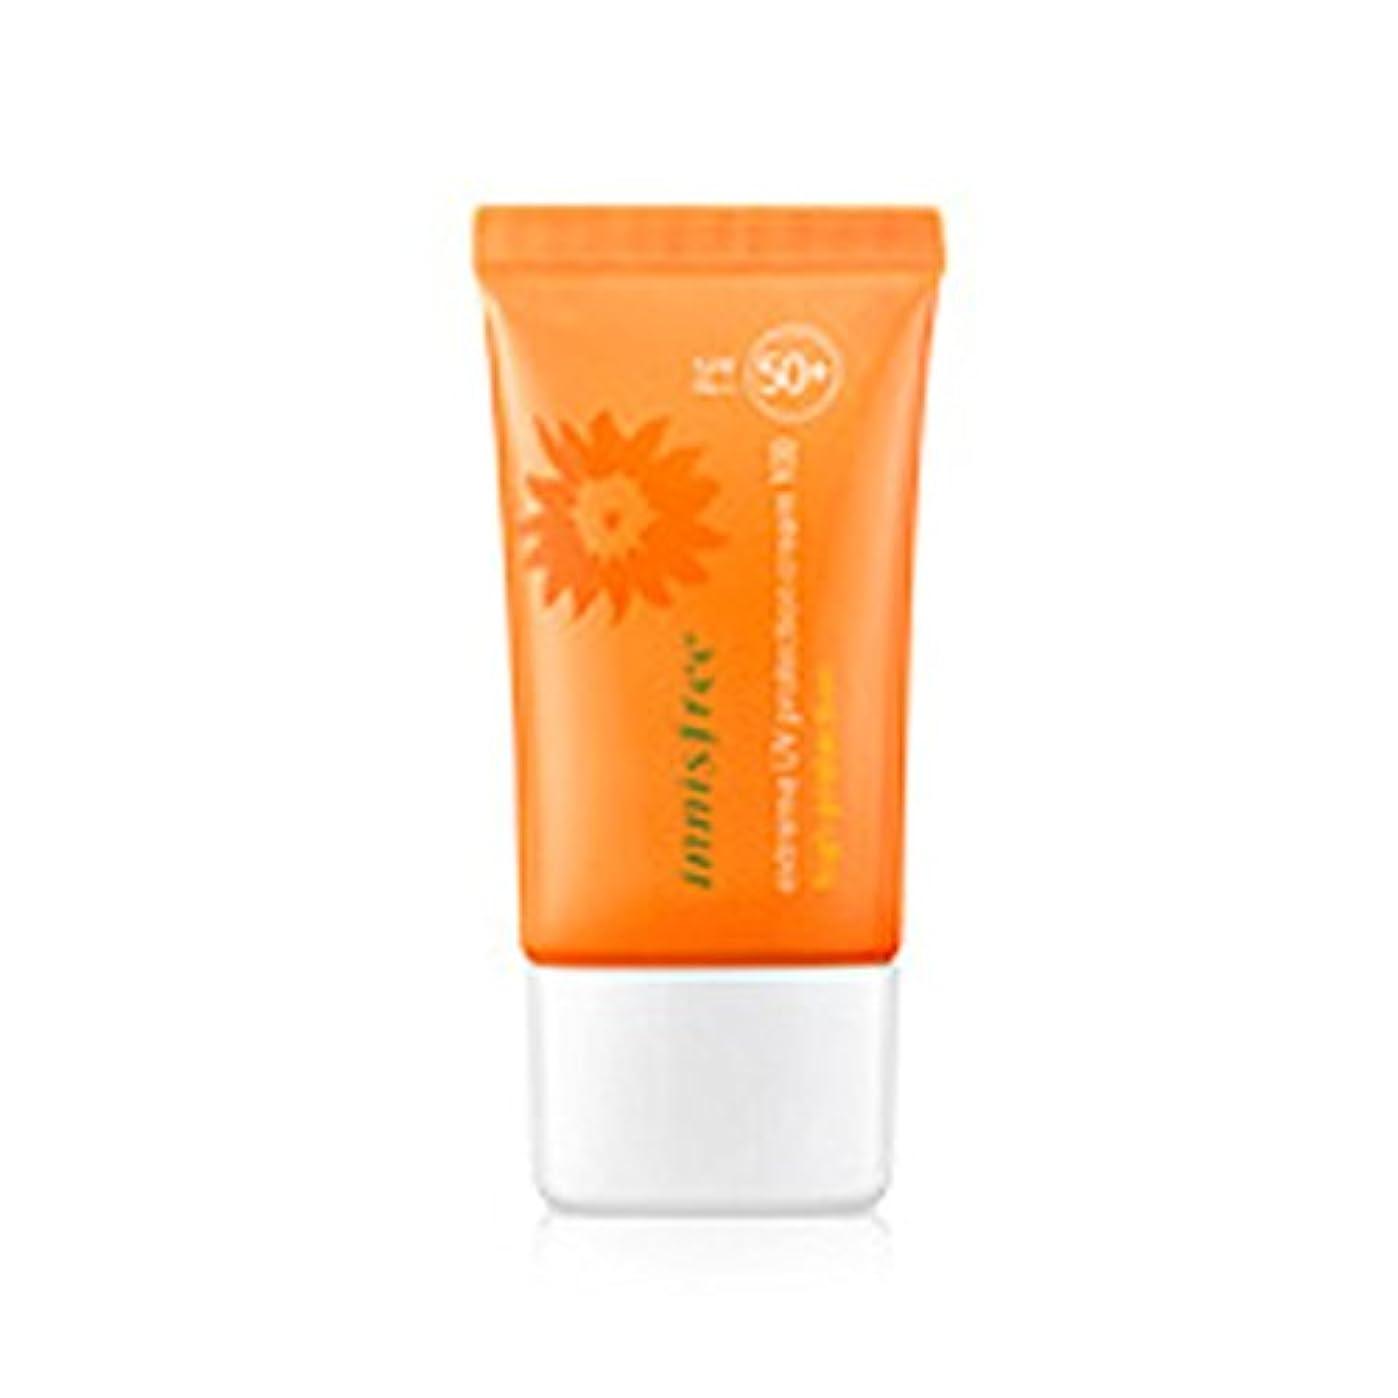 泥棒論理的デザートイニスフリーエクストリームUVプロテクションクリーム100ハイプロテクション50ml   SPF50 + PA +++ Innisfree Extreme UV Protection Cream100 High Protection...